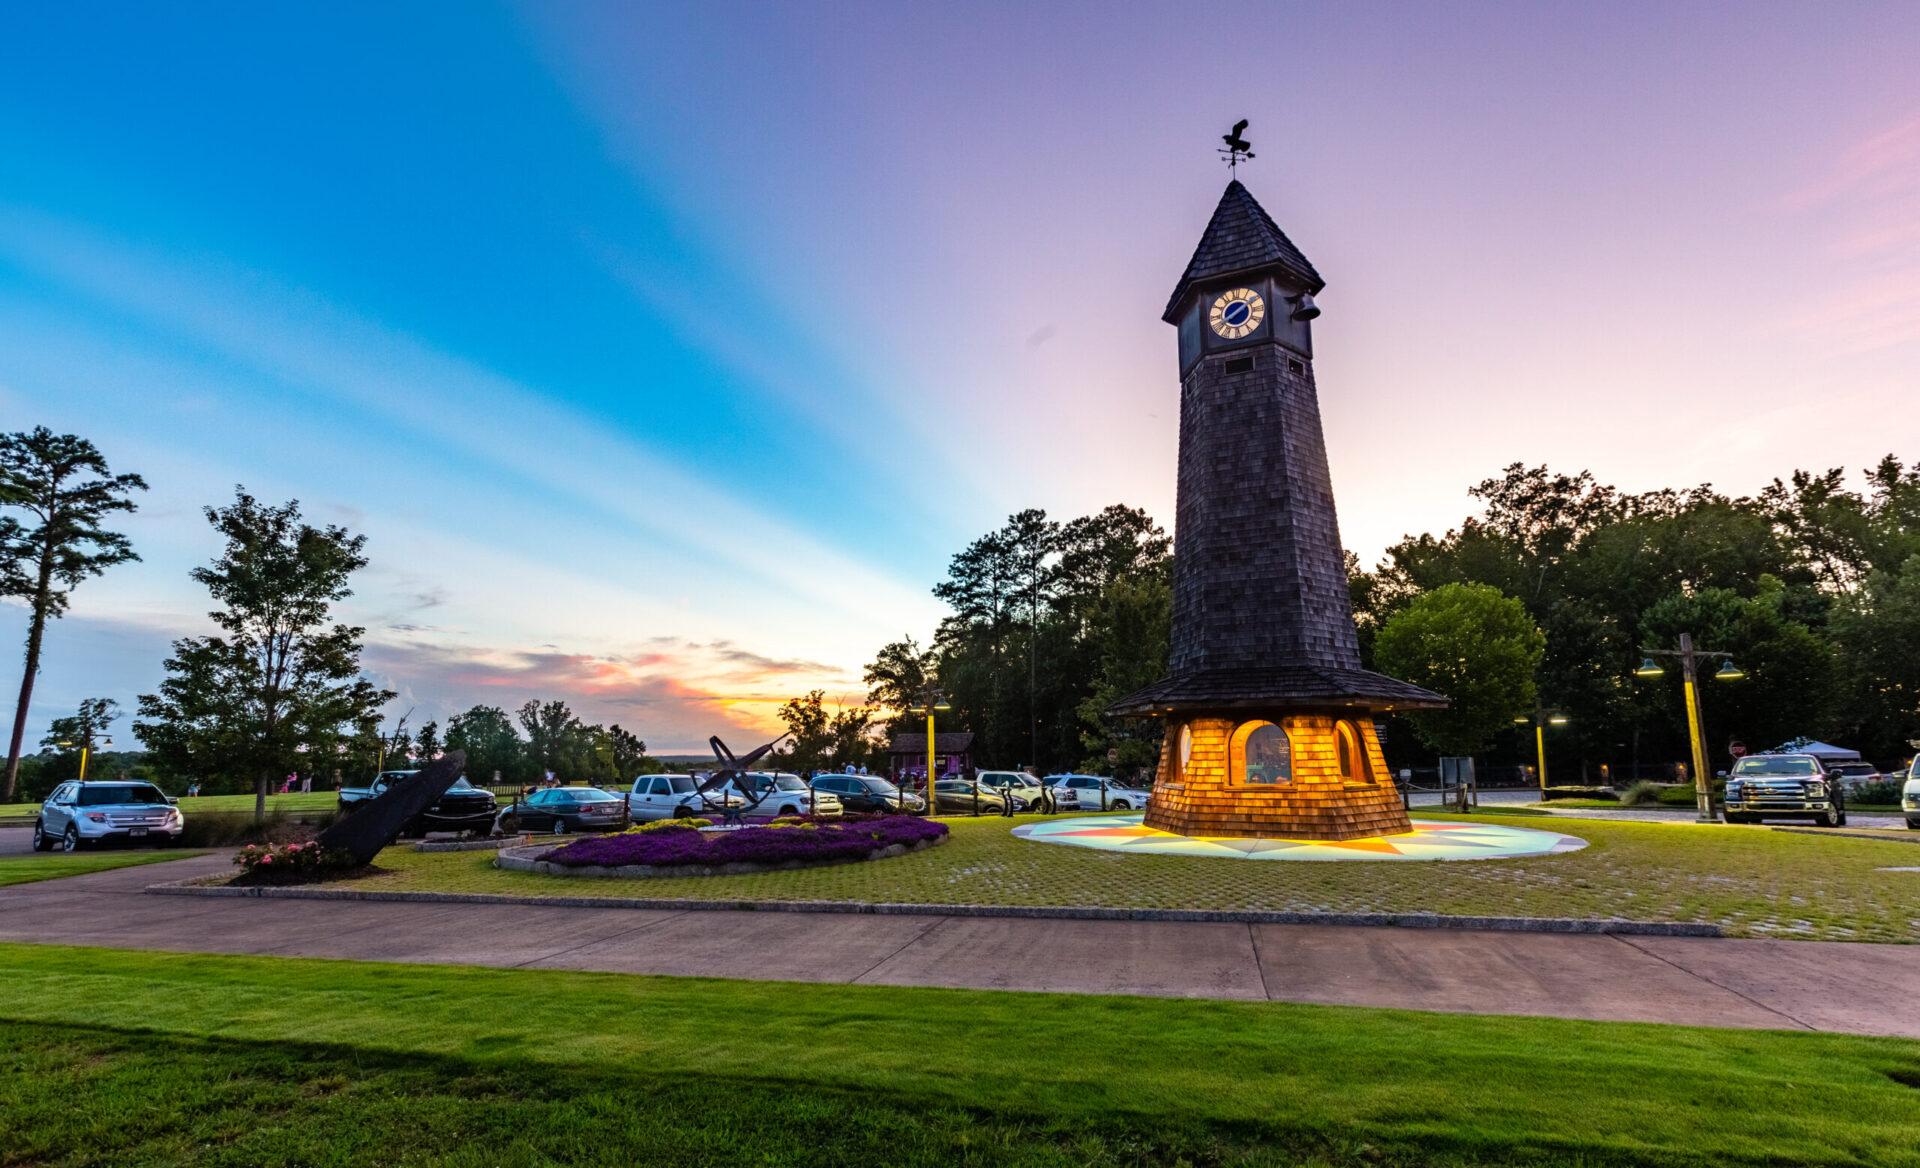 russell crossroads clocktower